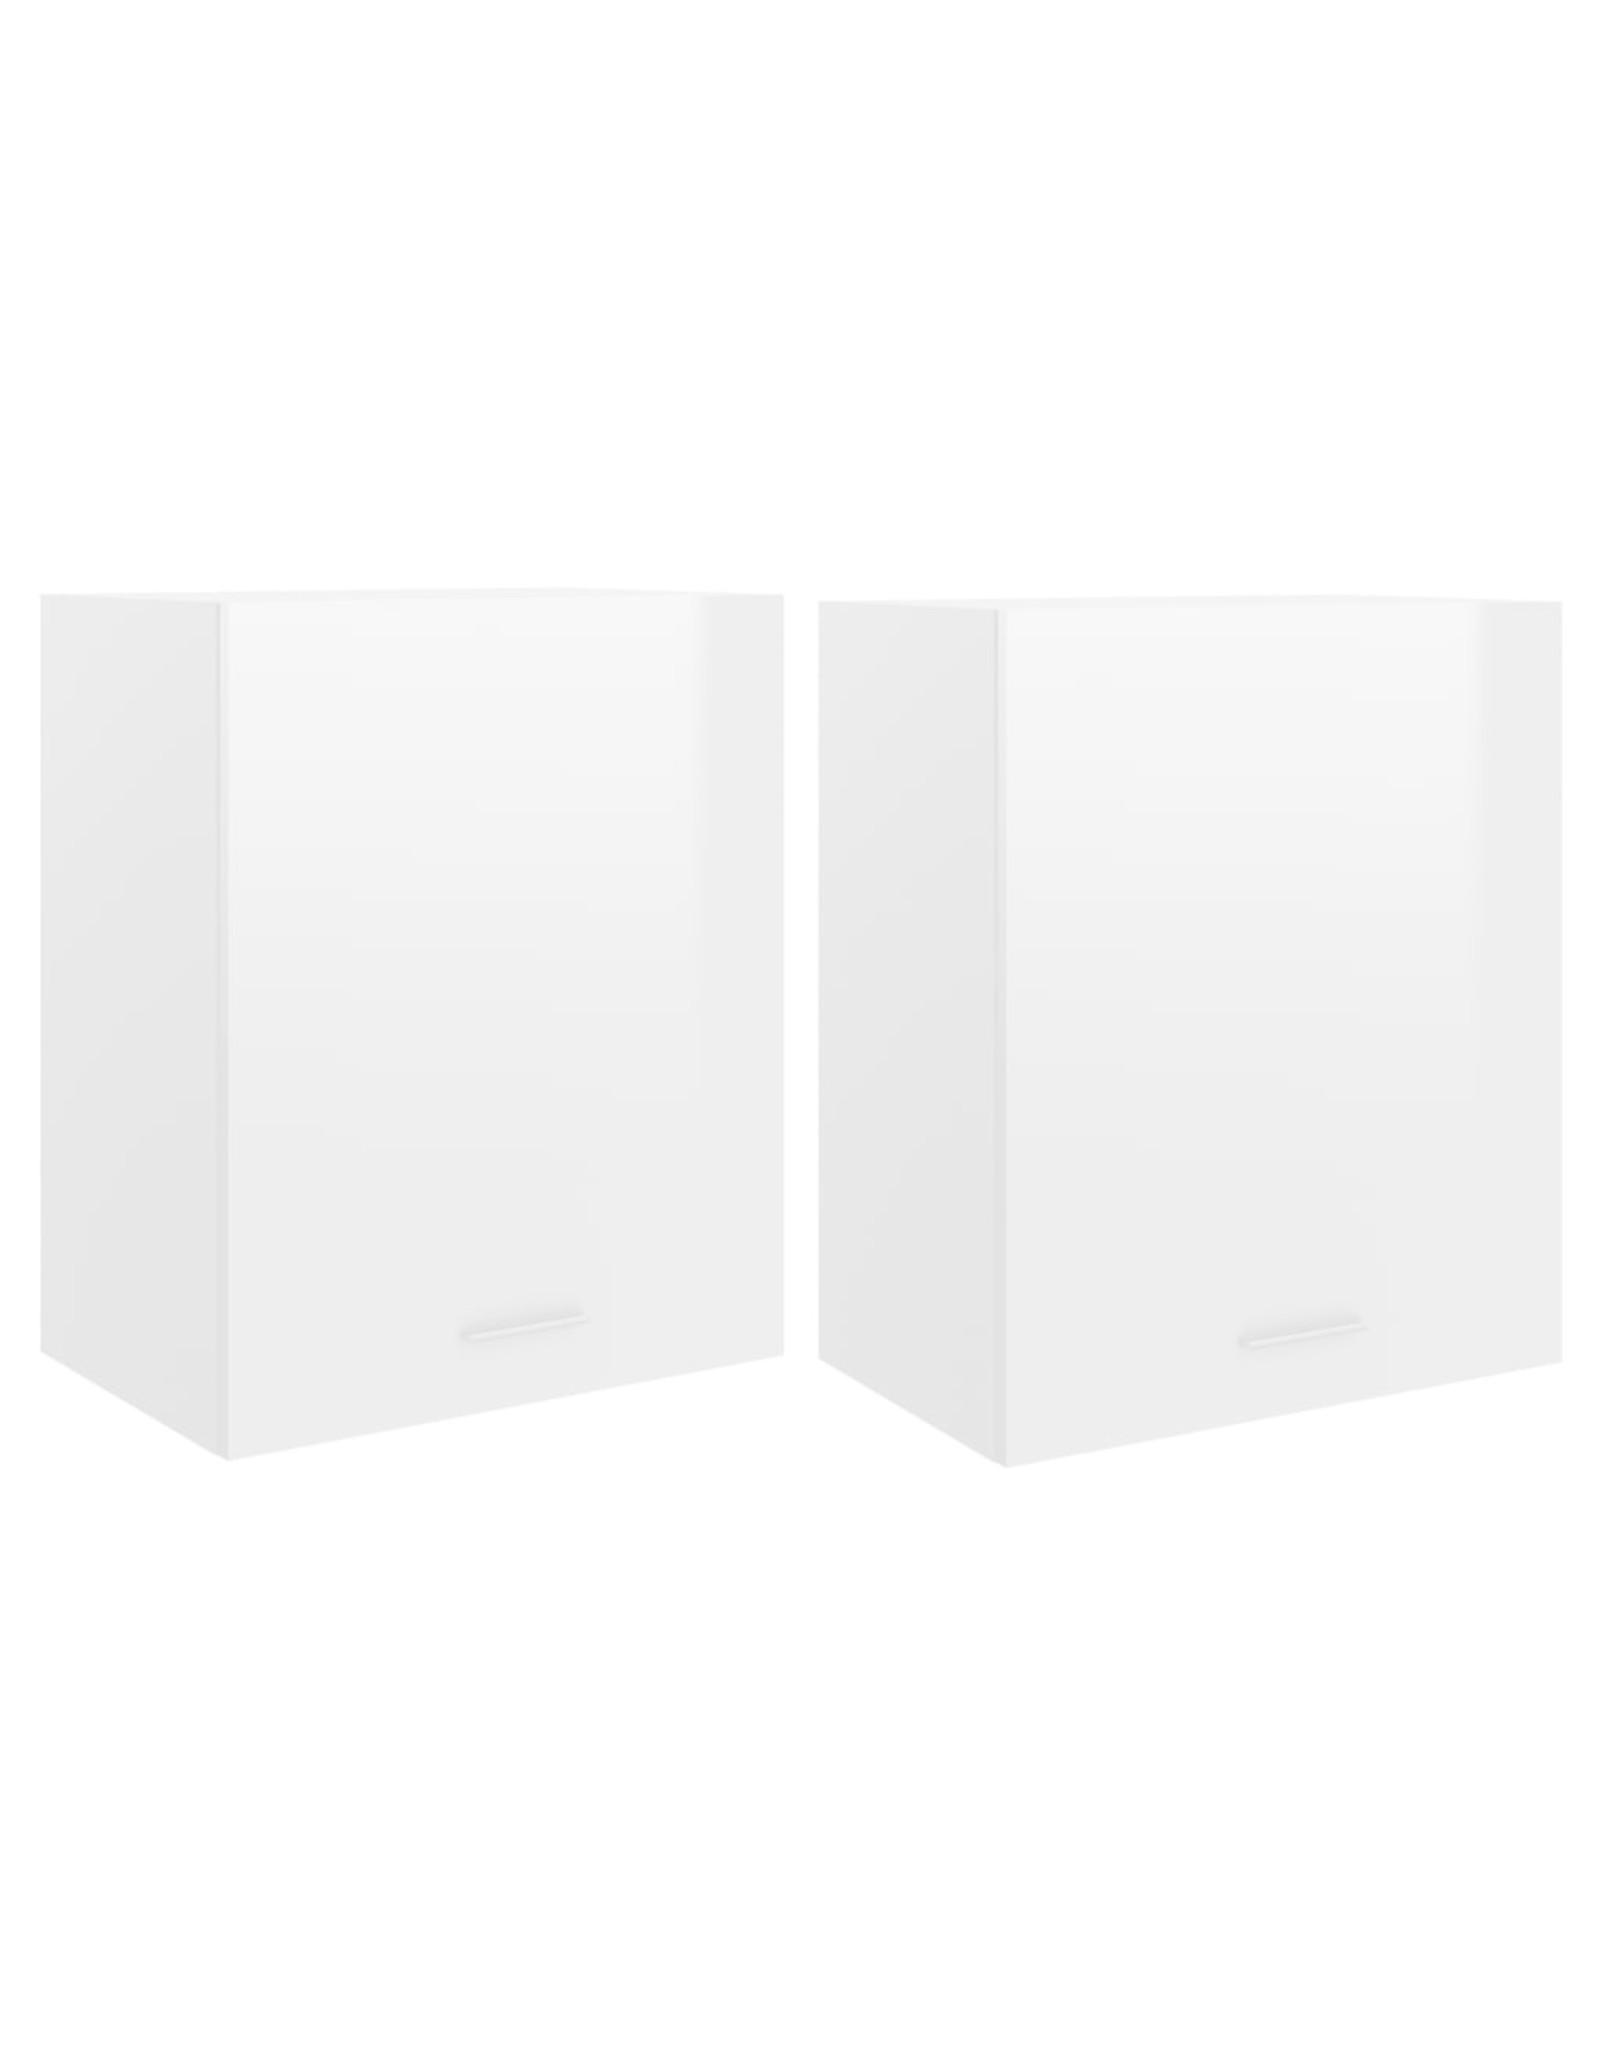 Hangkasten 2 st 50x31x60 cm spaanplaat hoogglans wit